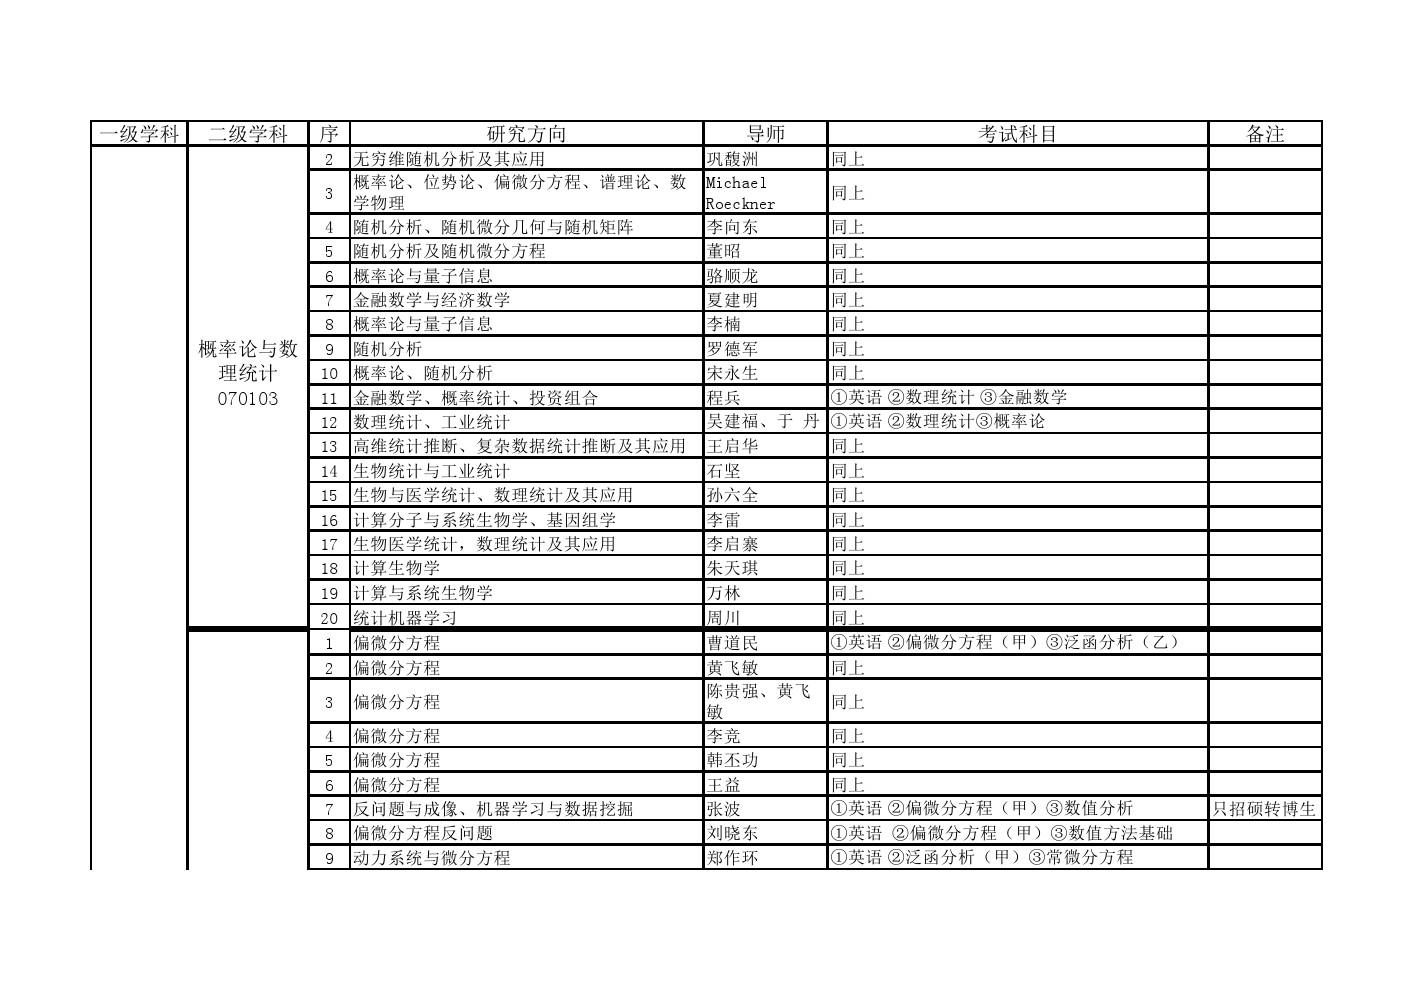 中国科学院大学2020年数学与系统科学研究所博士研究生招生专业目录